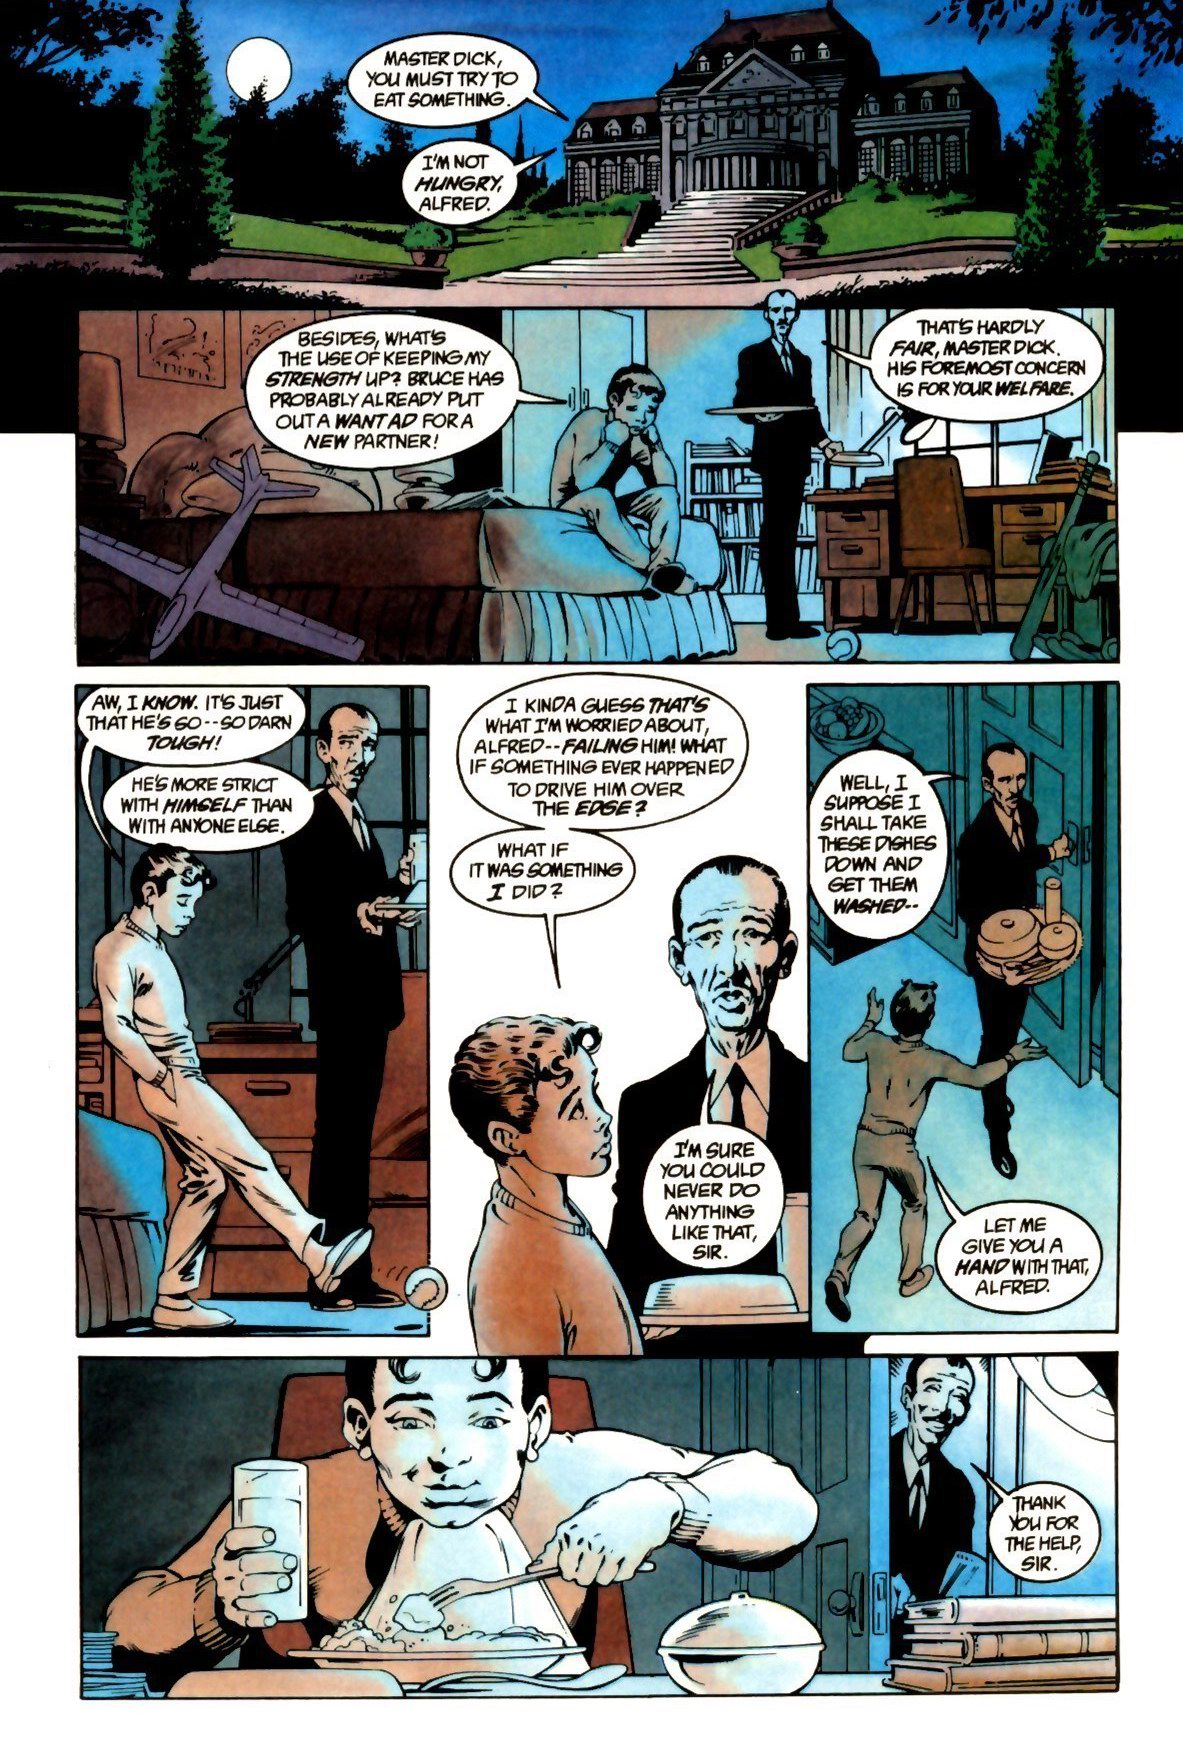 Psychology of Bruce Wayne MlzIGiAXp81kiy35rBKR2iNUjzy7G5ZZXh6bwRDz6we08Hz6pj3llMITJRp8FbBN7q94fRPDWyXG=s0